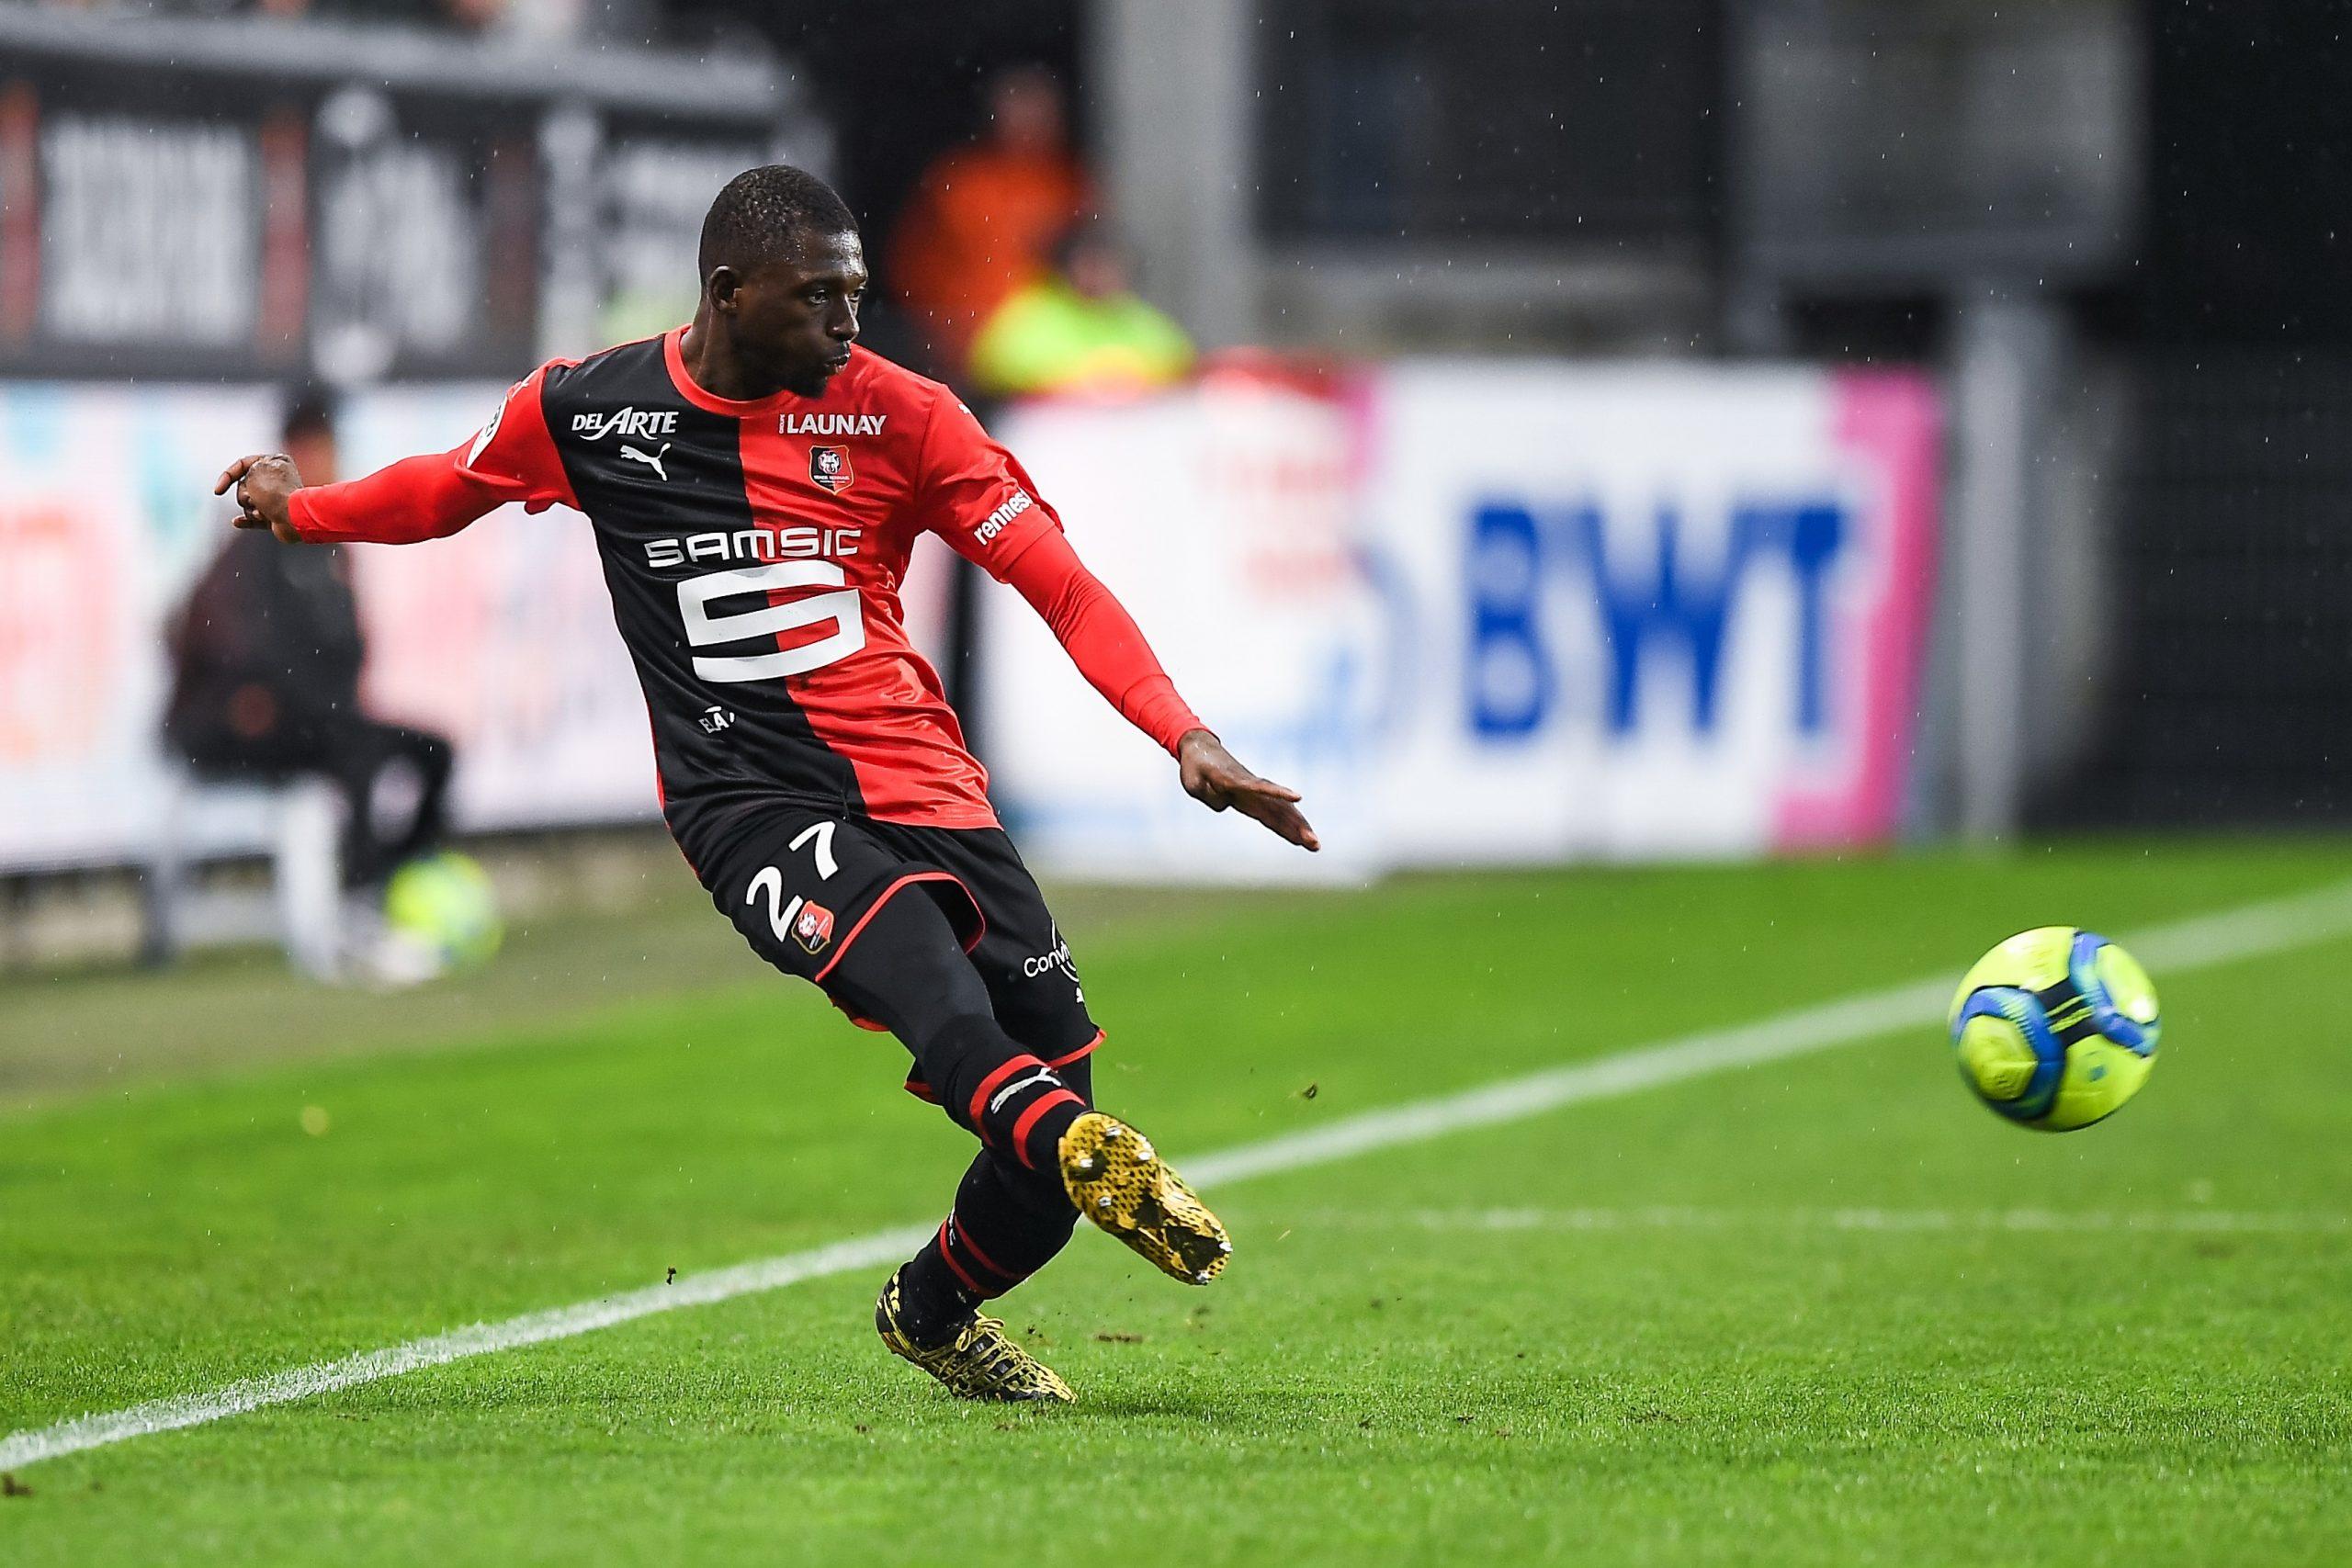 Mercato - Rennes est confiant pour la prolongation de Traoré, cité parmi les cibles du PSG